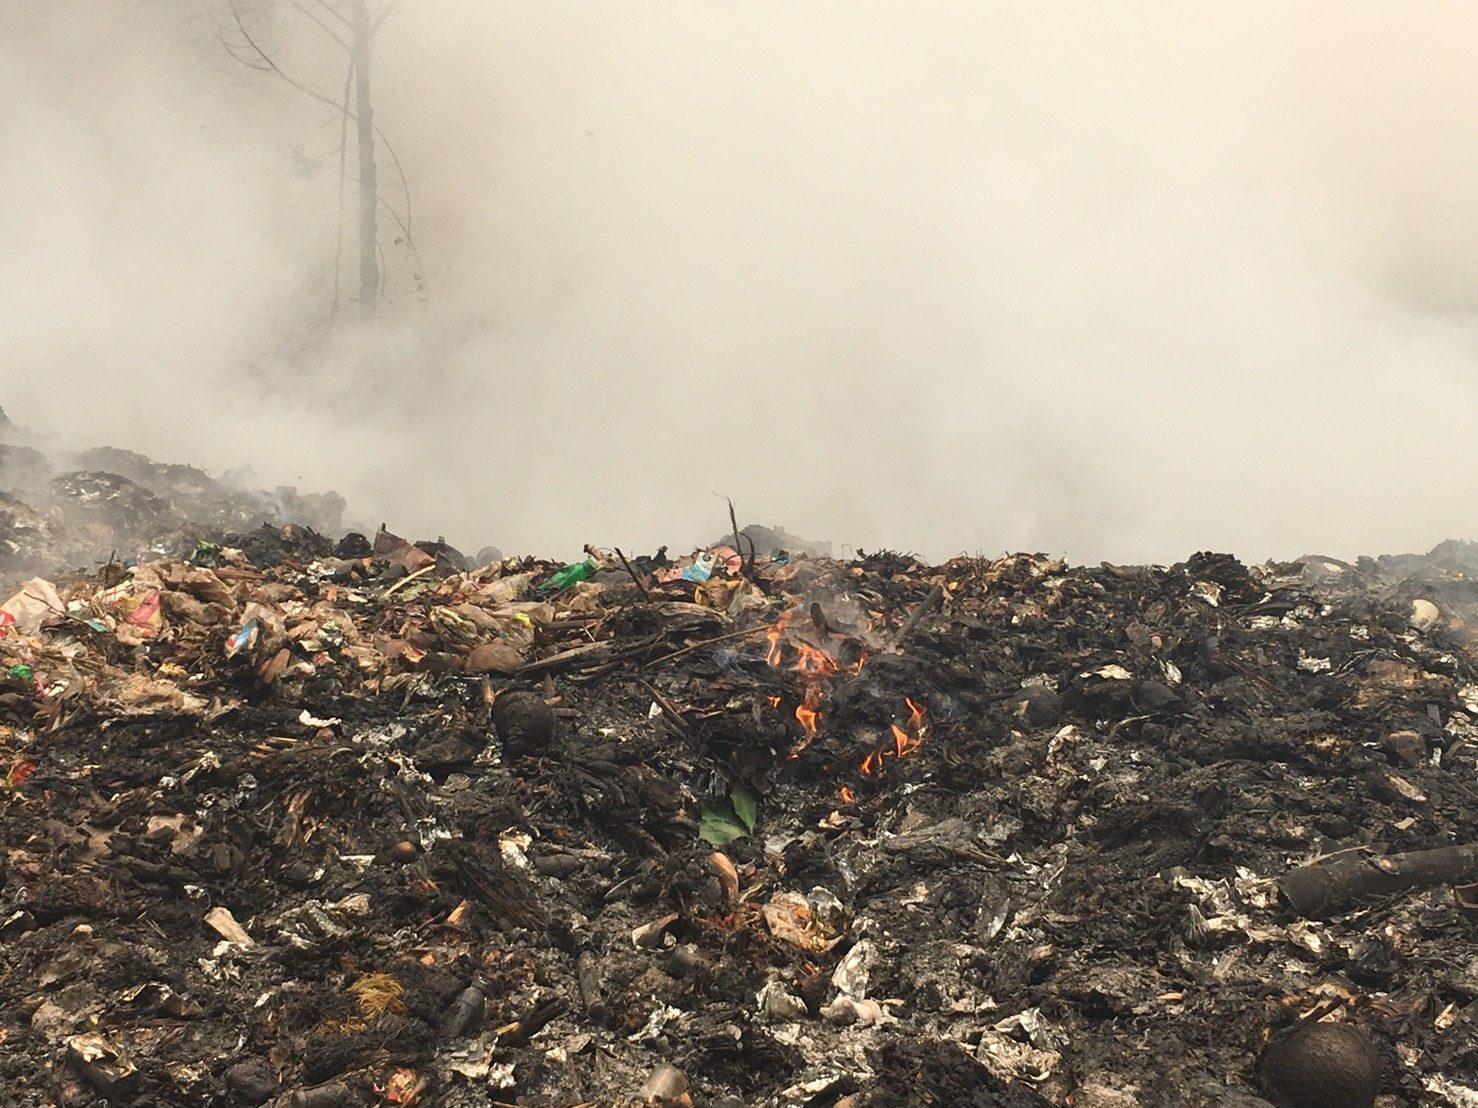 ไฟไหม้บ่อขยะ อ.สังขละบุรี ซ้ำเติมปัญหาหมอกควันและฝุ่นละอองที่เกิดจากไฟป่า